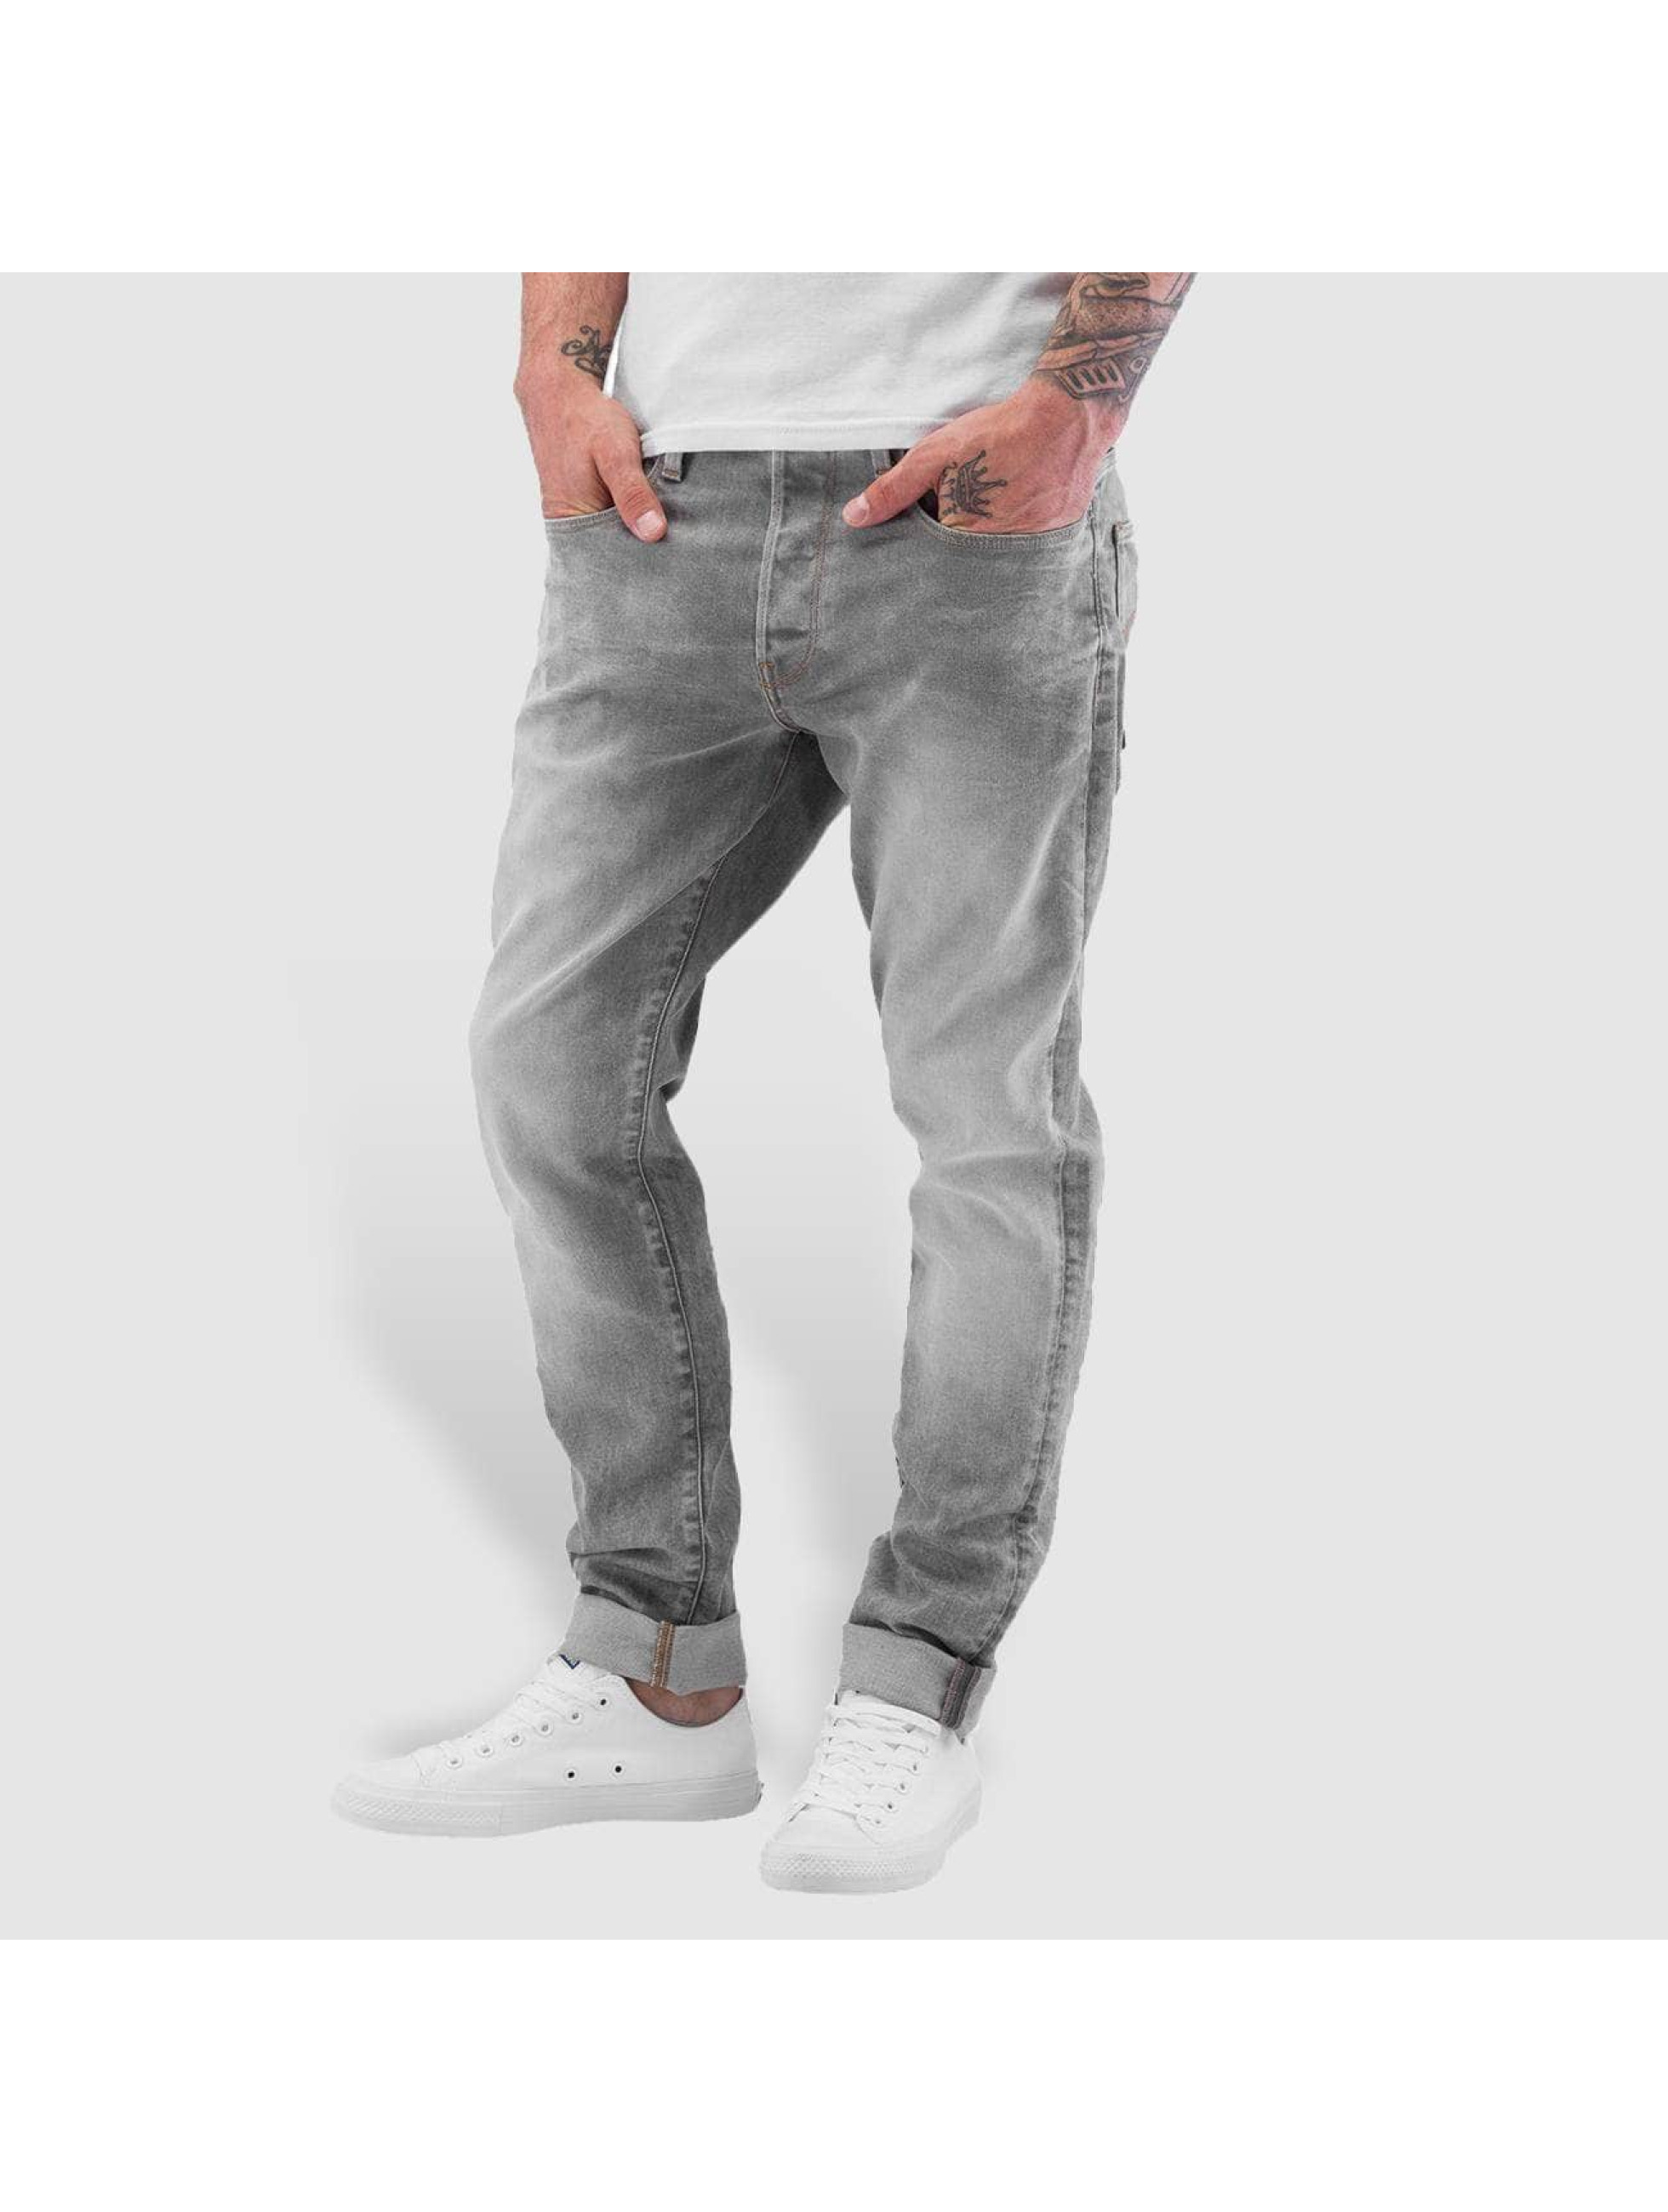 g star herren jeans antifit 3301 tappered ebay. Black Bedroom Furniture Sets. Home Design Ideas